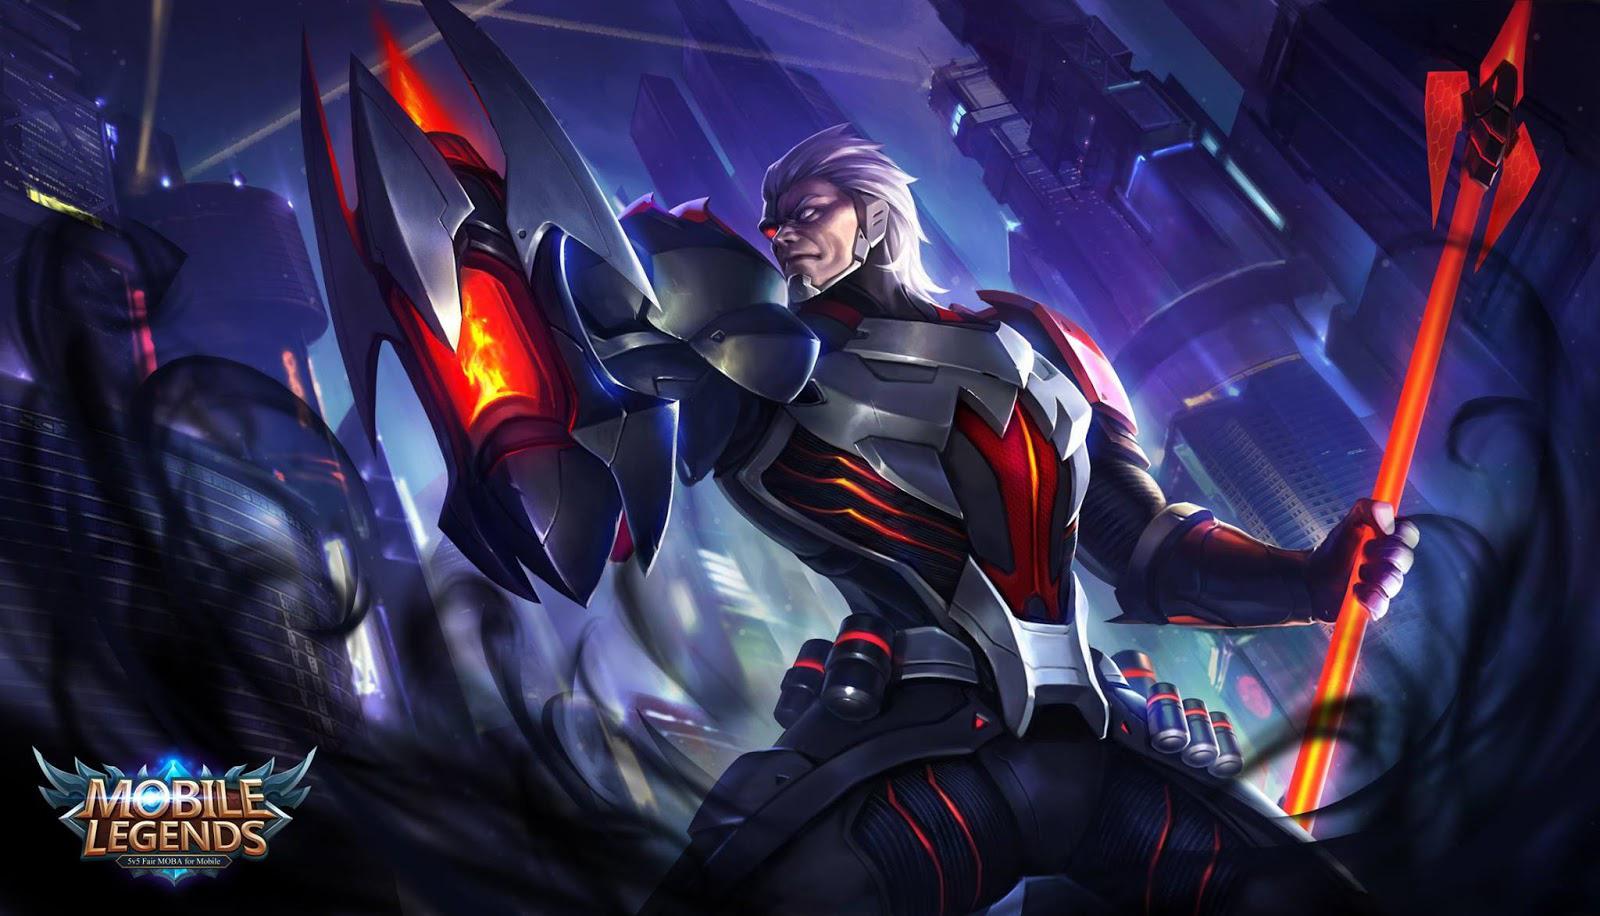 6 Hero Terbaru Yang Paling Kuat Dan Tebal Di Sesaon 8 Mobile